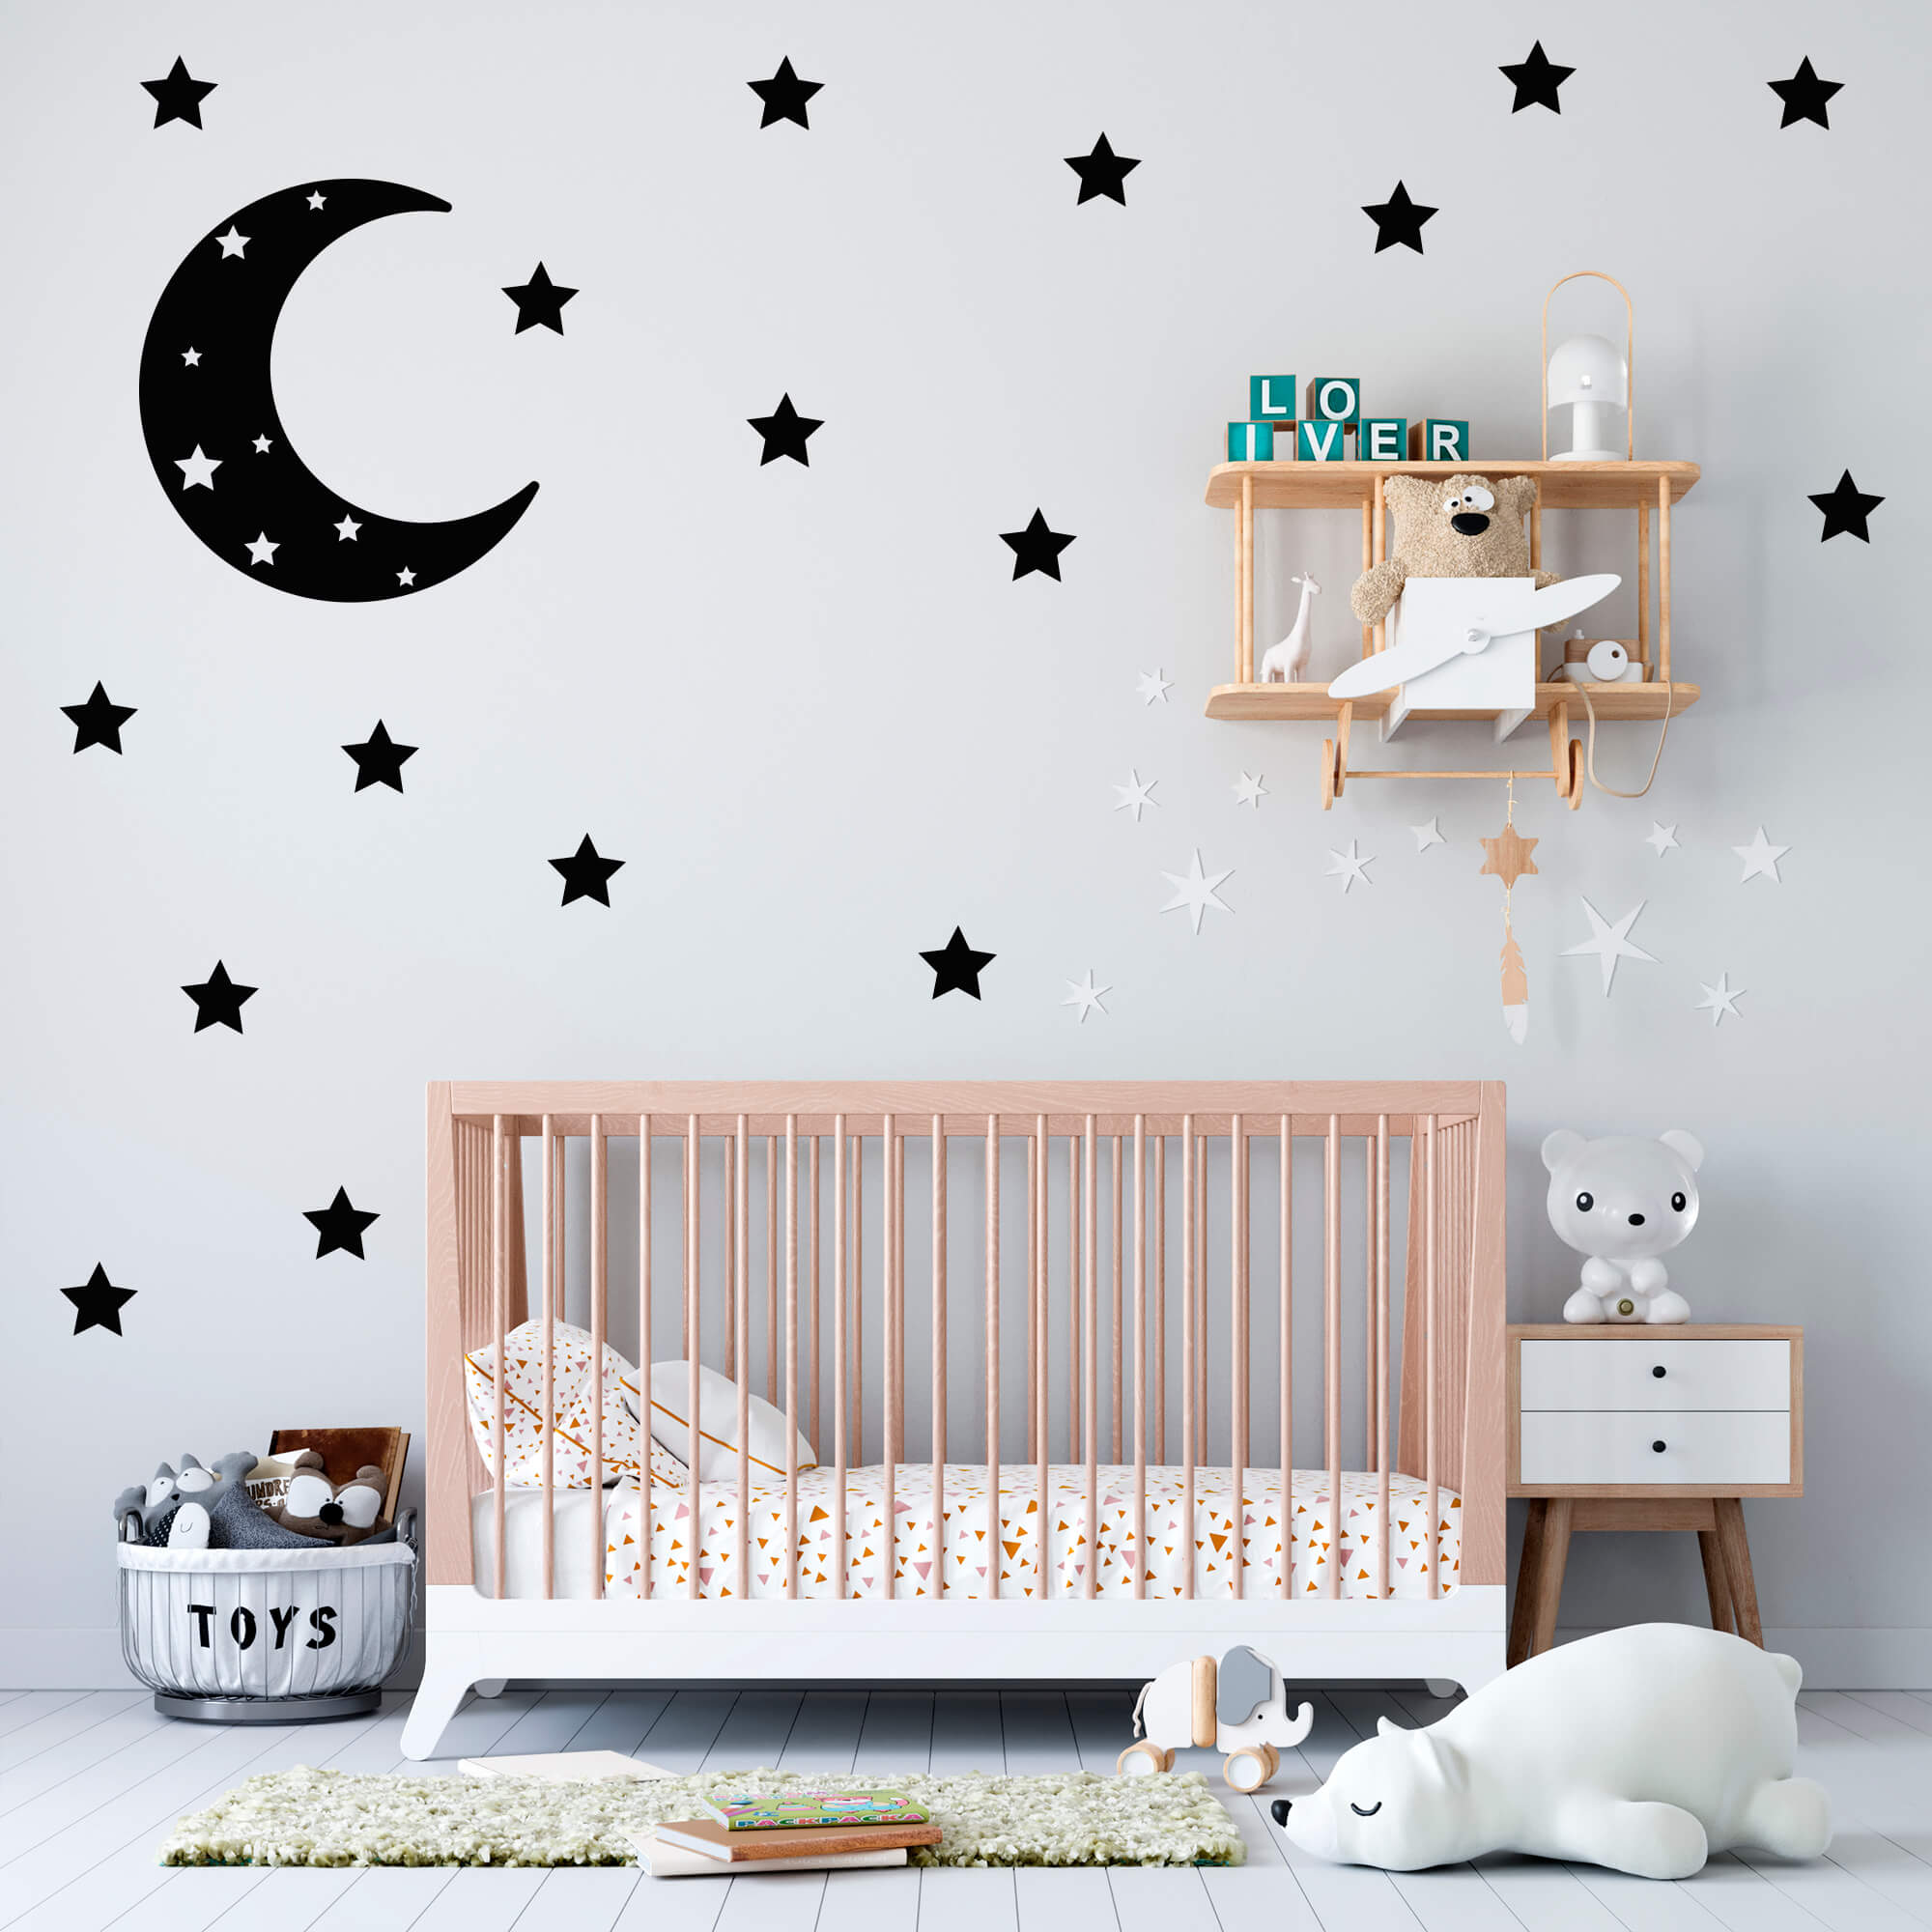 Adesivo Decorativo Lua e Estrelas Quarto Infantil